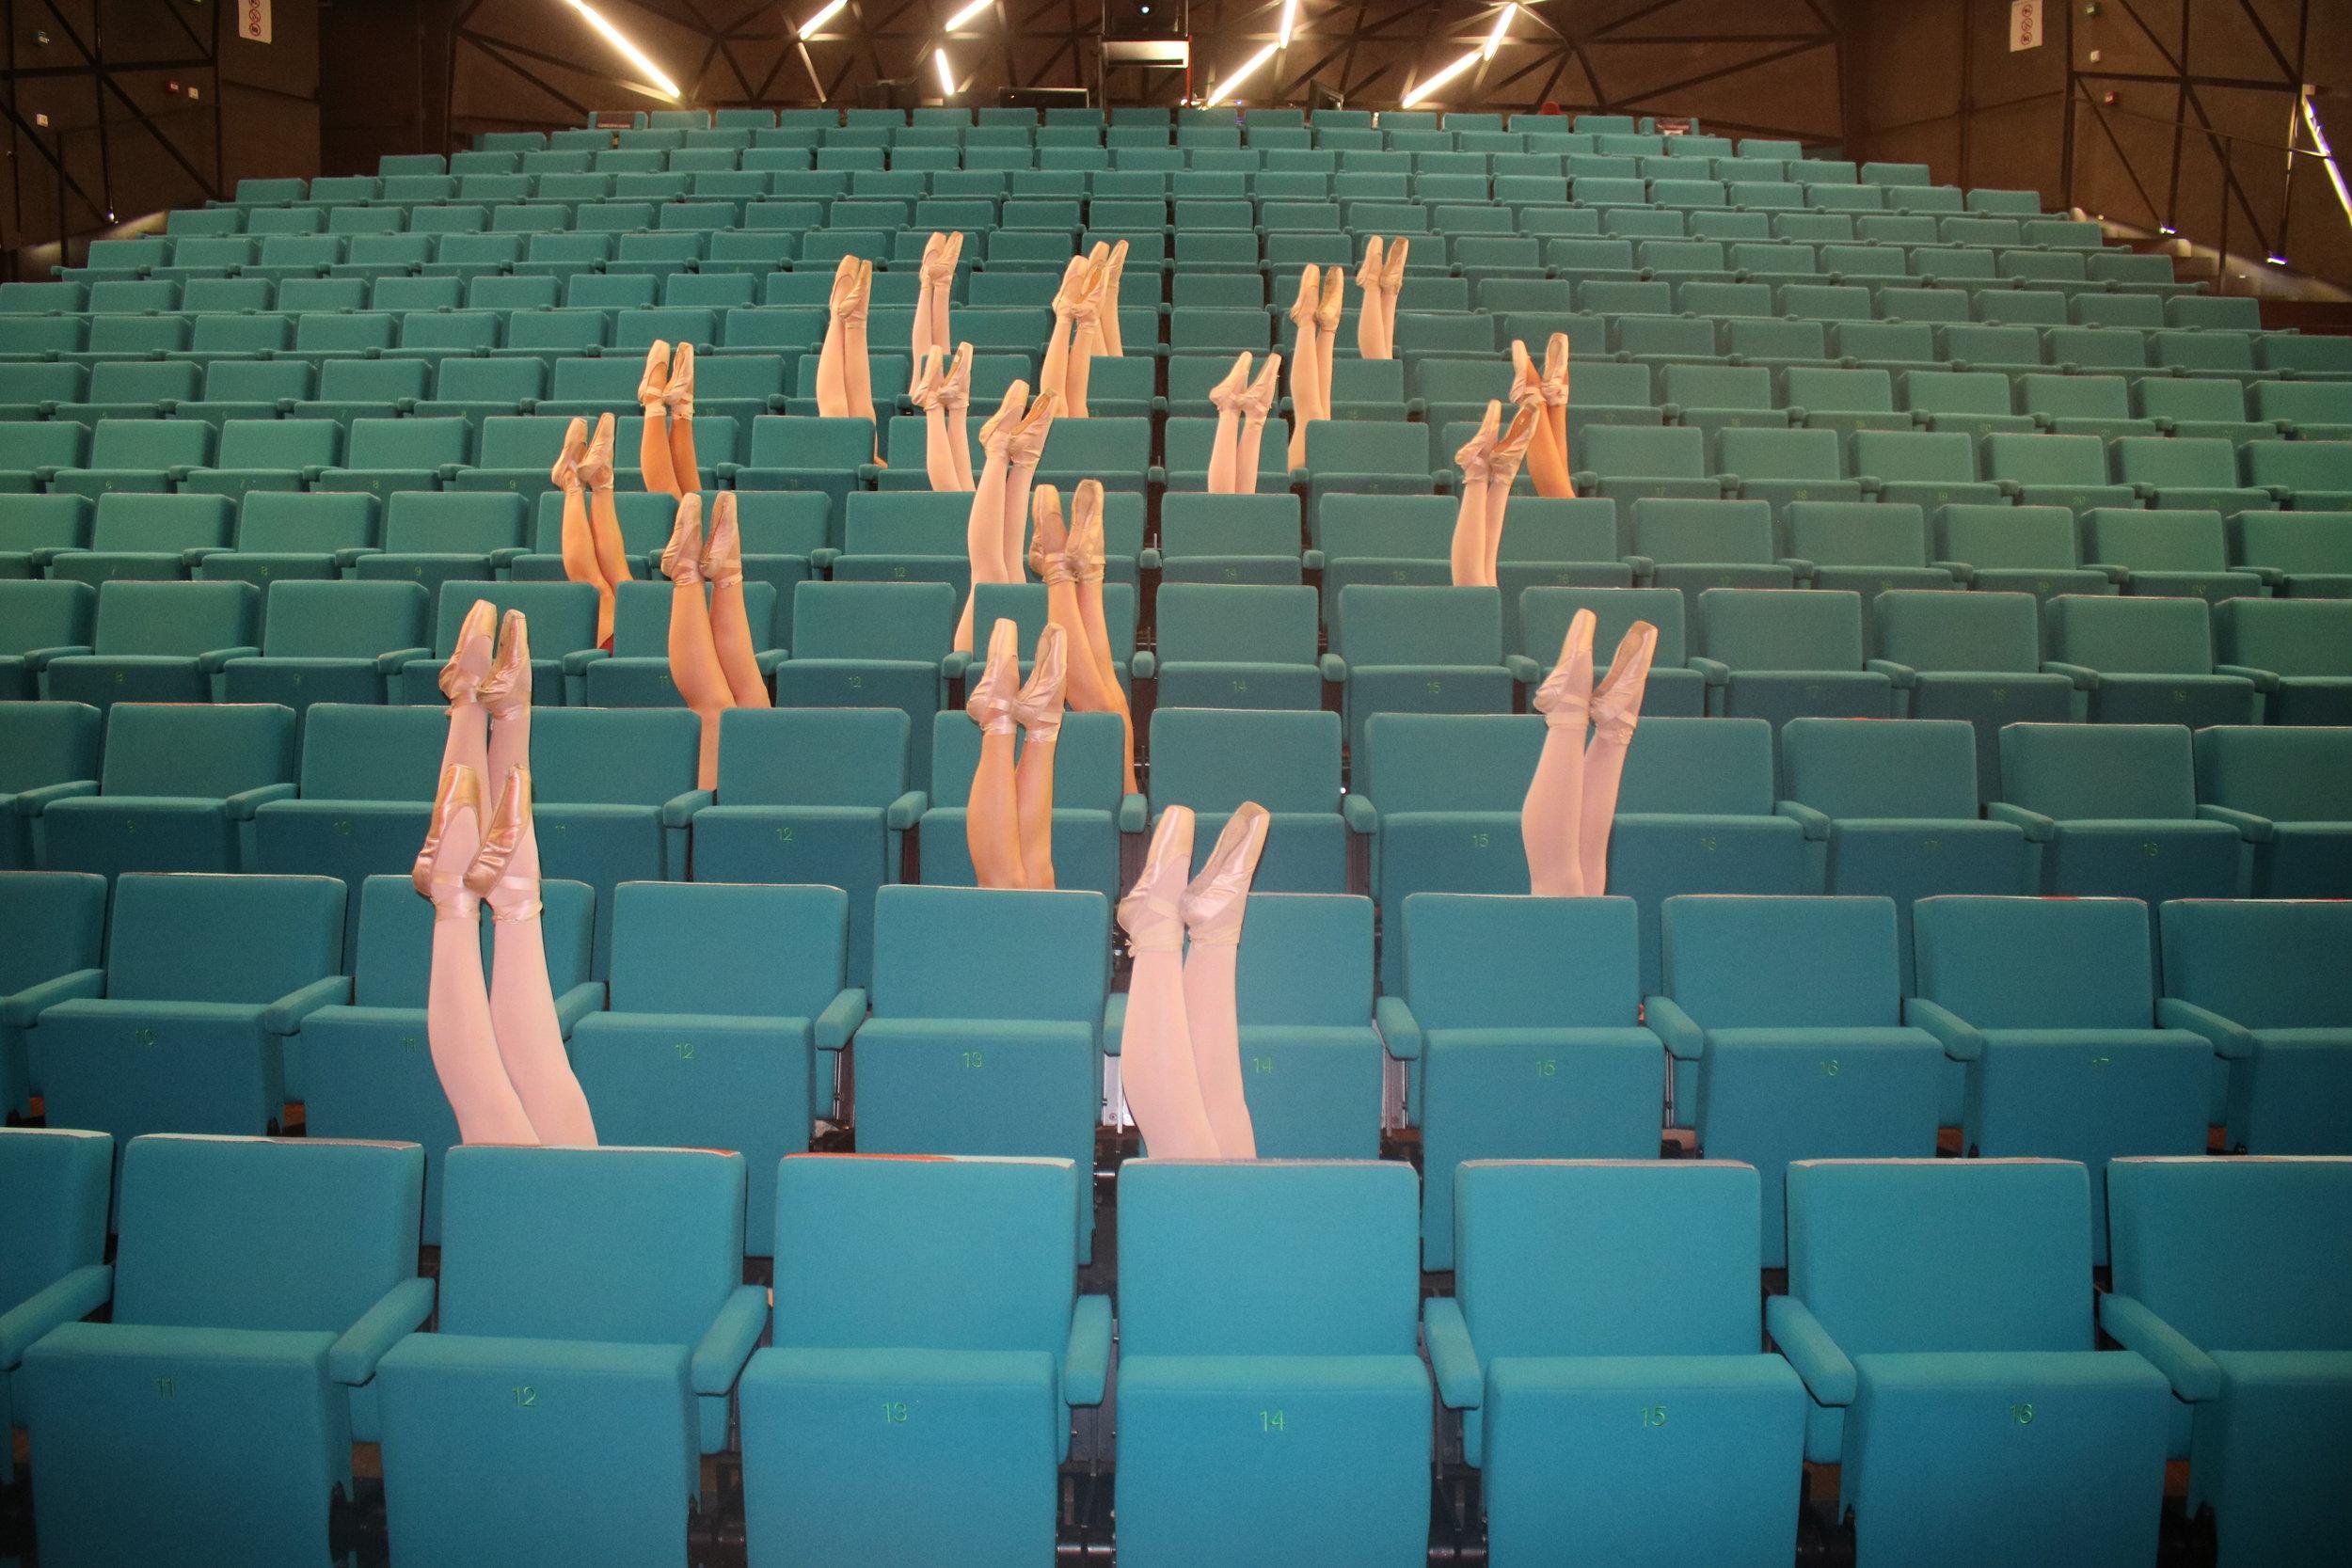 Demi-pointes en pointes - Aan de voeten draag je Footundeez (beschermers voor de blote voeten) of je werkt op blote voeten.In de pointesklassen dragen de leerlingen hun klasuniform met roze/vleeskleurige pointes. De vorm van de voet bepaalt het merk dat je draagt. Deze schoenen kopen de leerlingen zelf bij de gespecialiseerde handelaars.Ook jongens kunnen deelnemen aan de pointesklassen. Die dragen zwarte pointes.